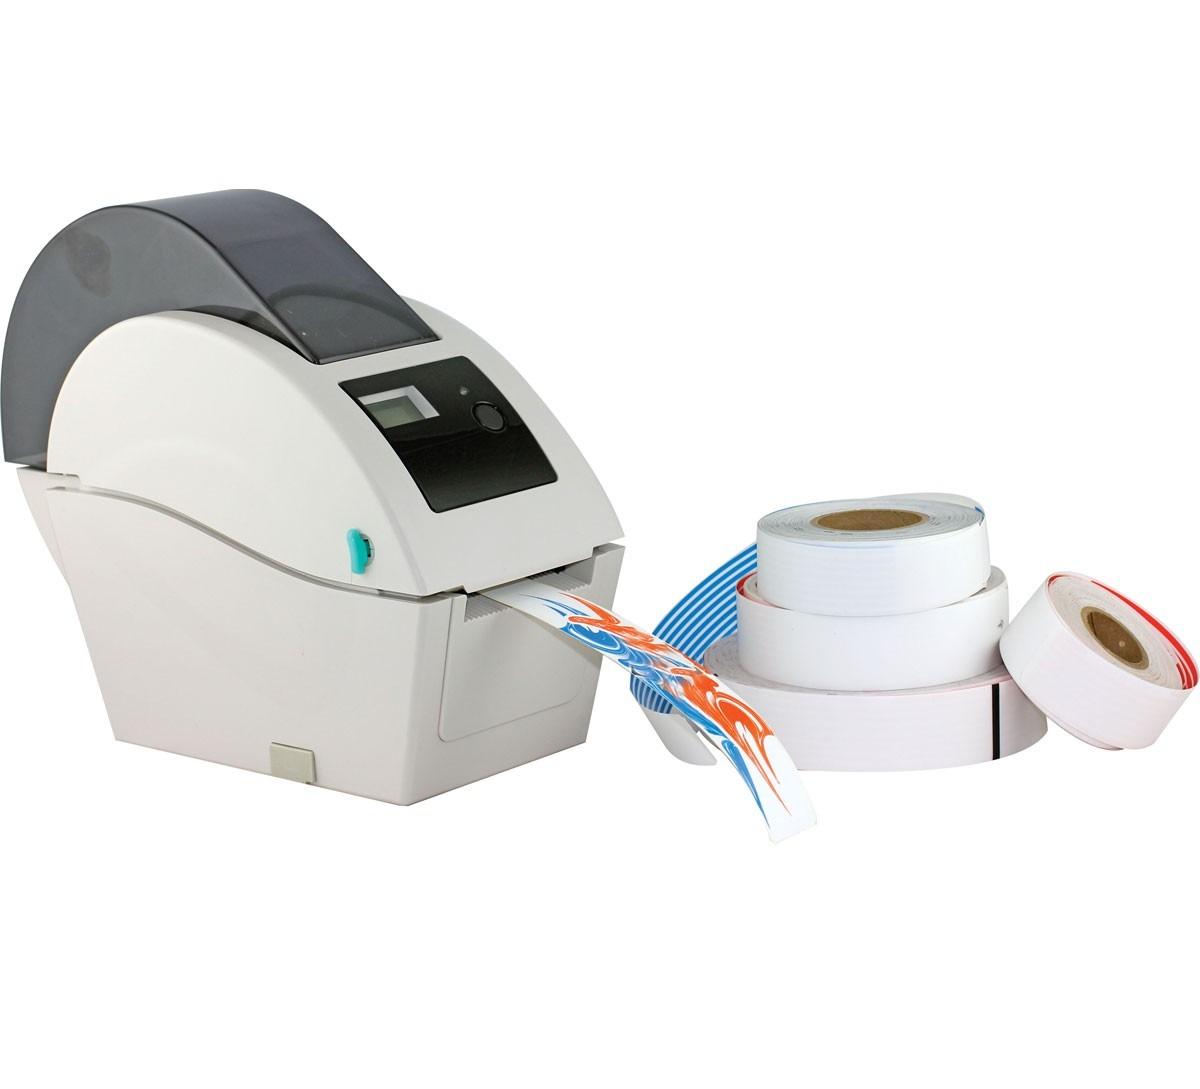 7809f59c59d0 Haz pulseras con tu propia impresora - Material duradero